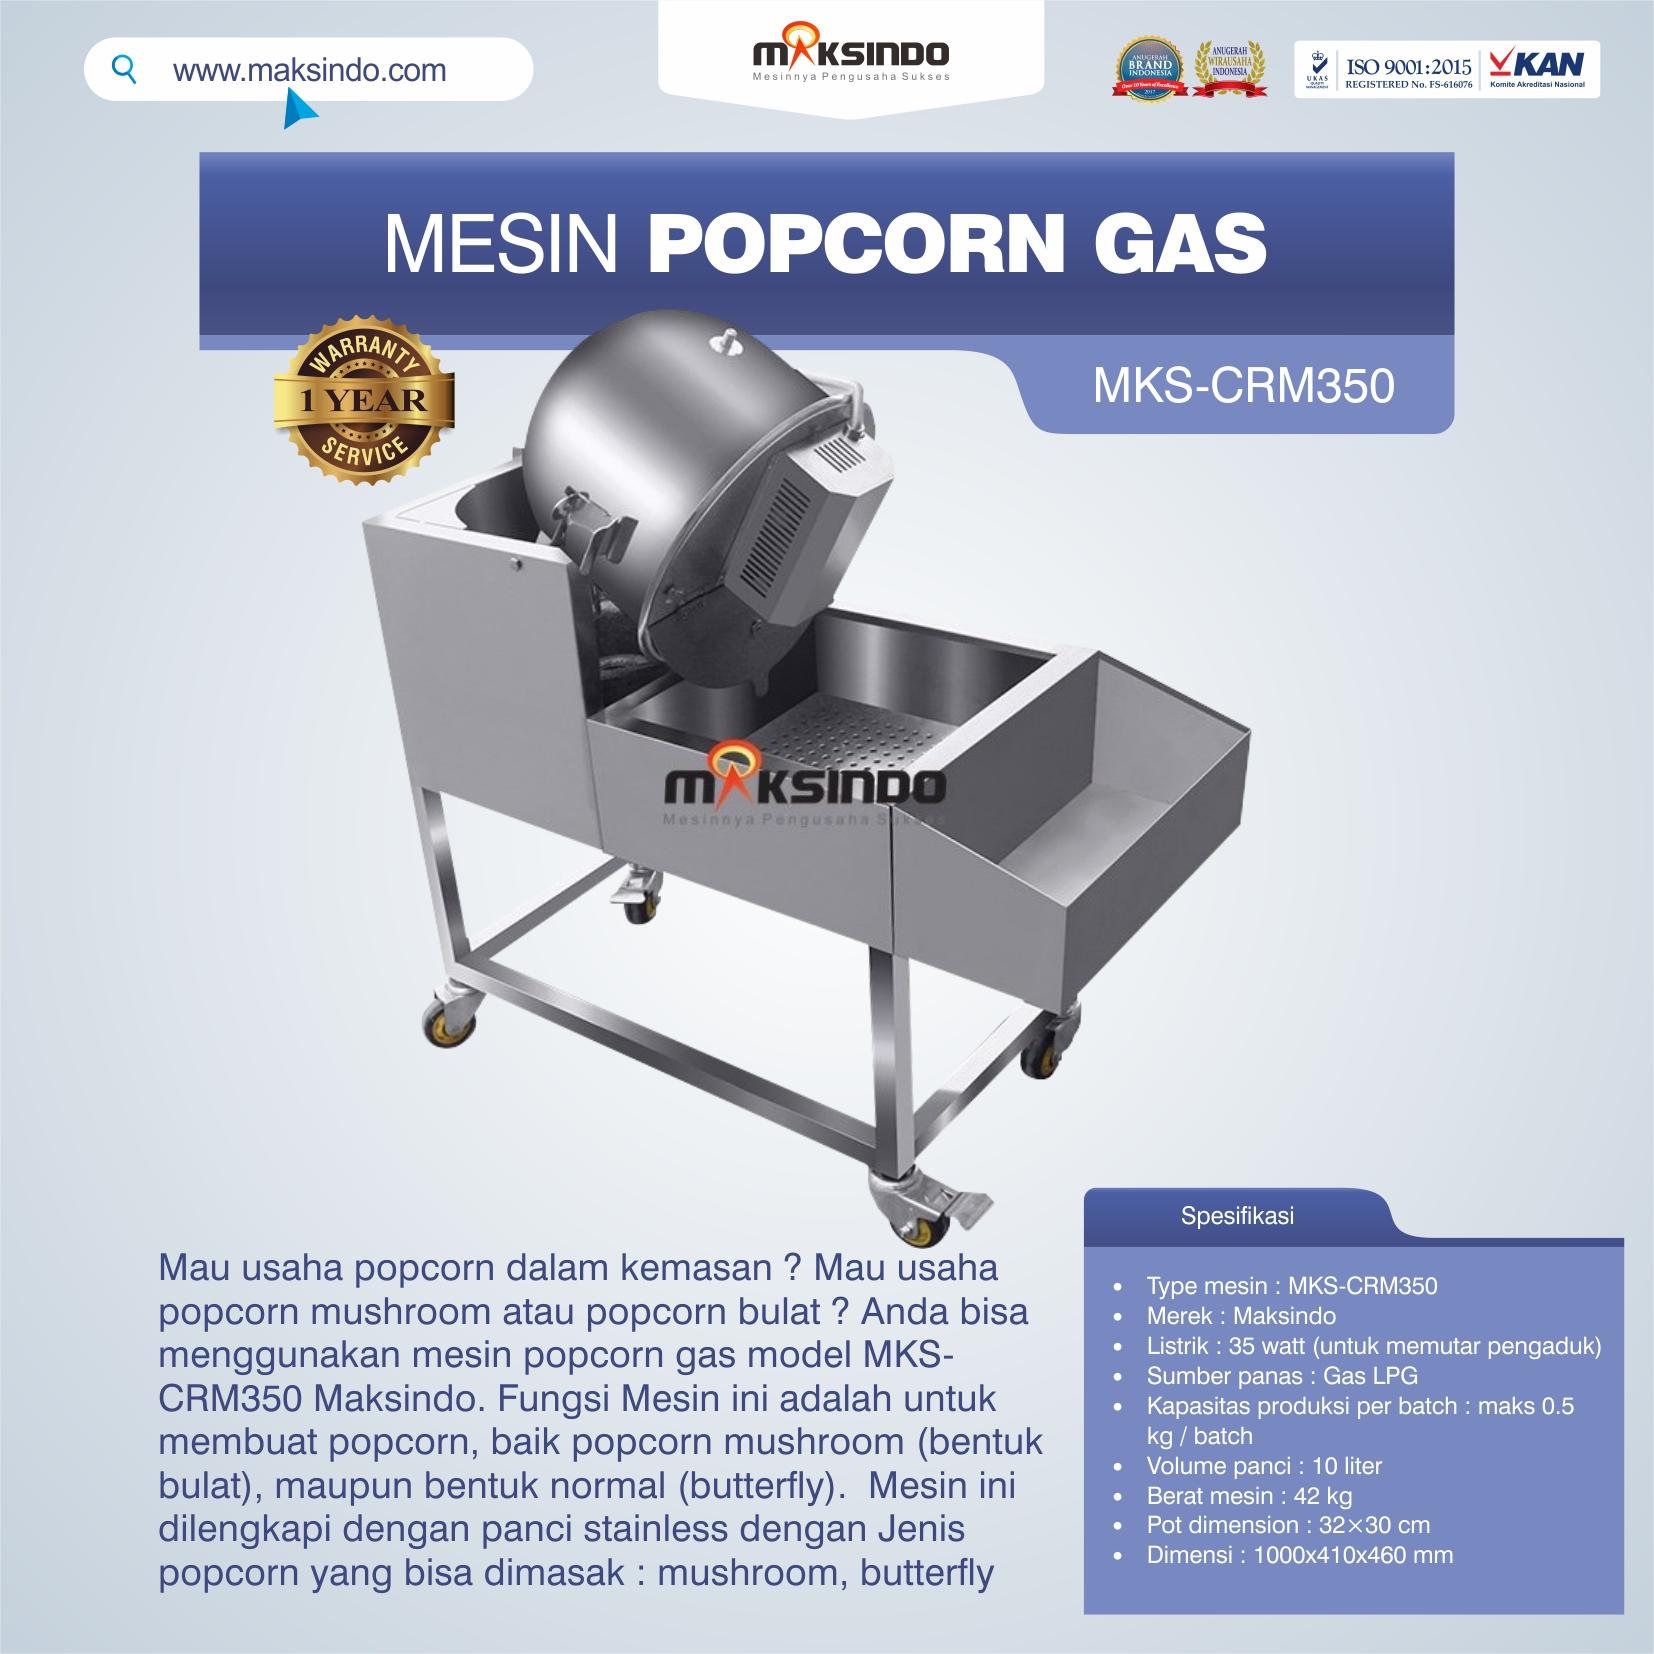 Mesin Popcorn Gas Model MKS-CRM350